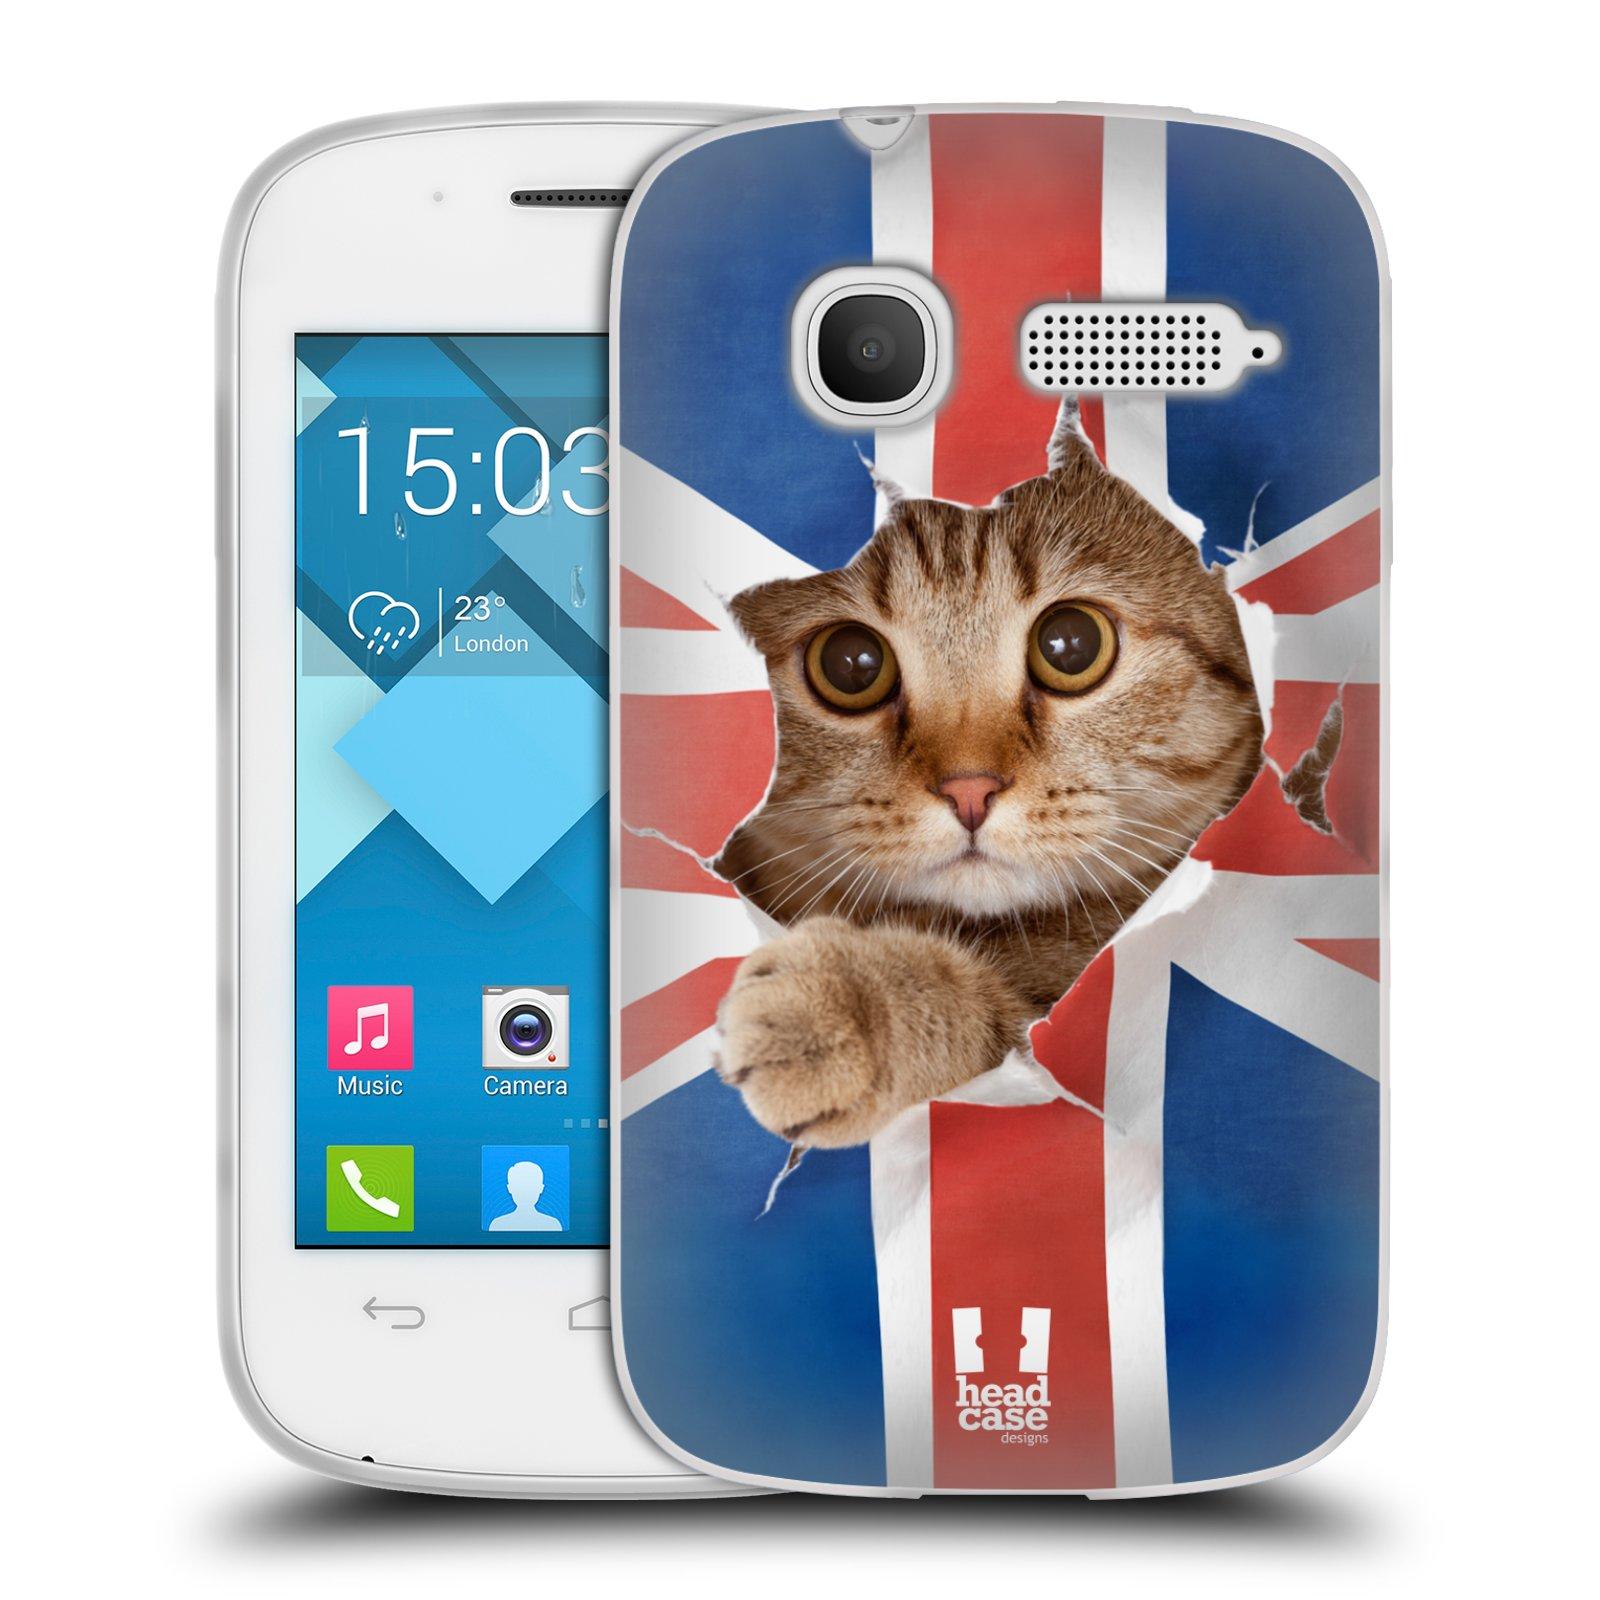 HEAD CASE silikonový obal na mobil Alcatel POP C1 OT-4015D vzor Legrační zvířátka kočička a Velká Británie vlajka